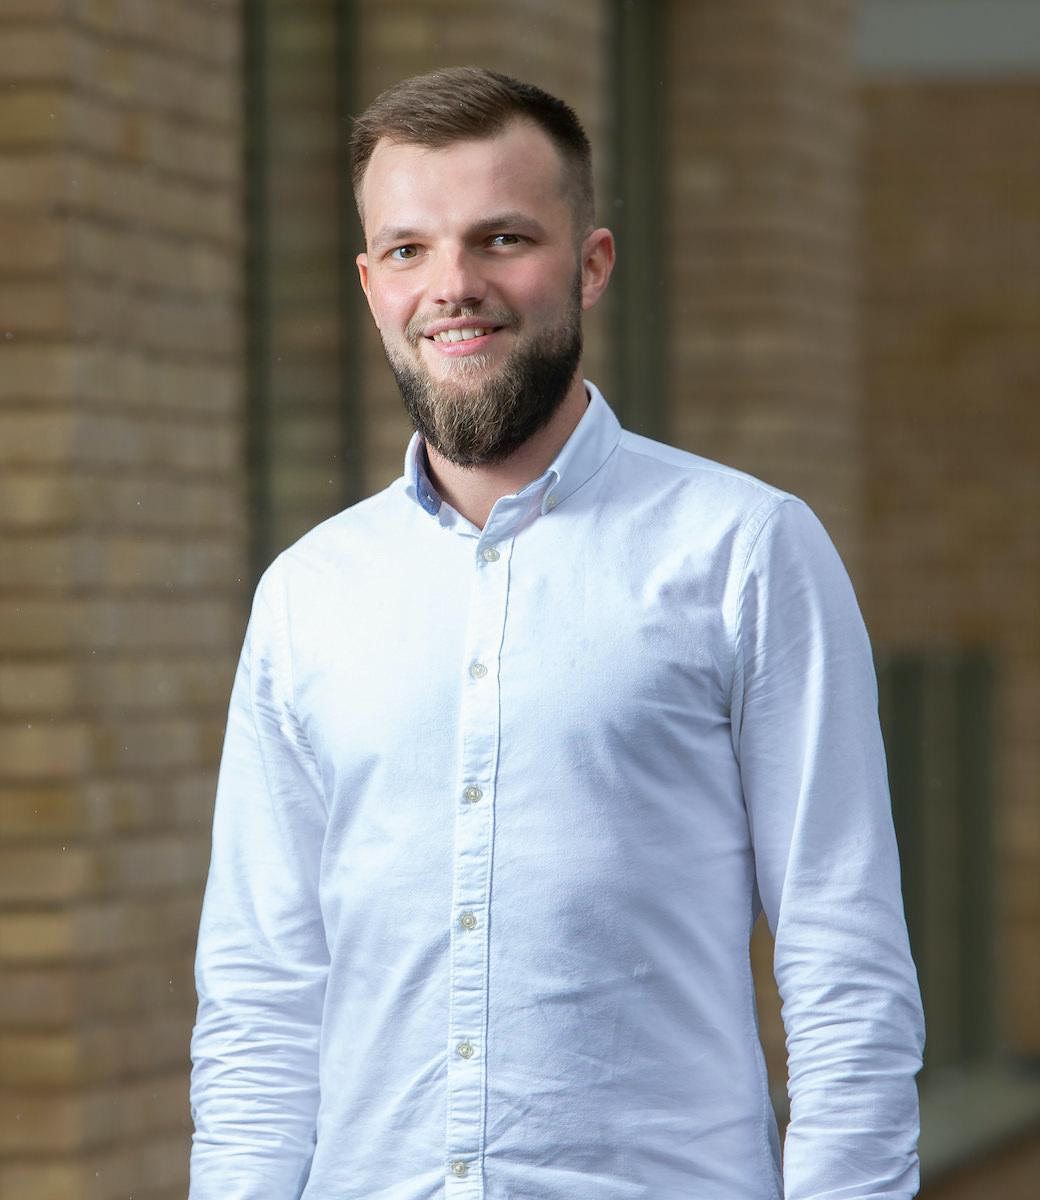 A profile shot of an Orbit team member.